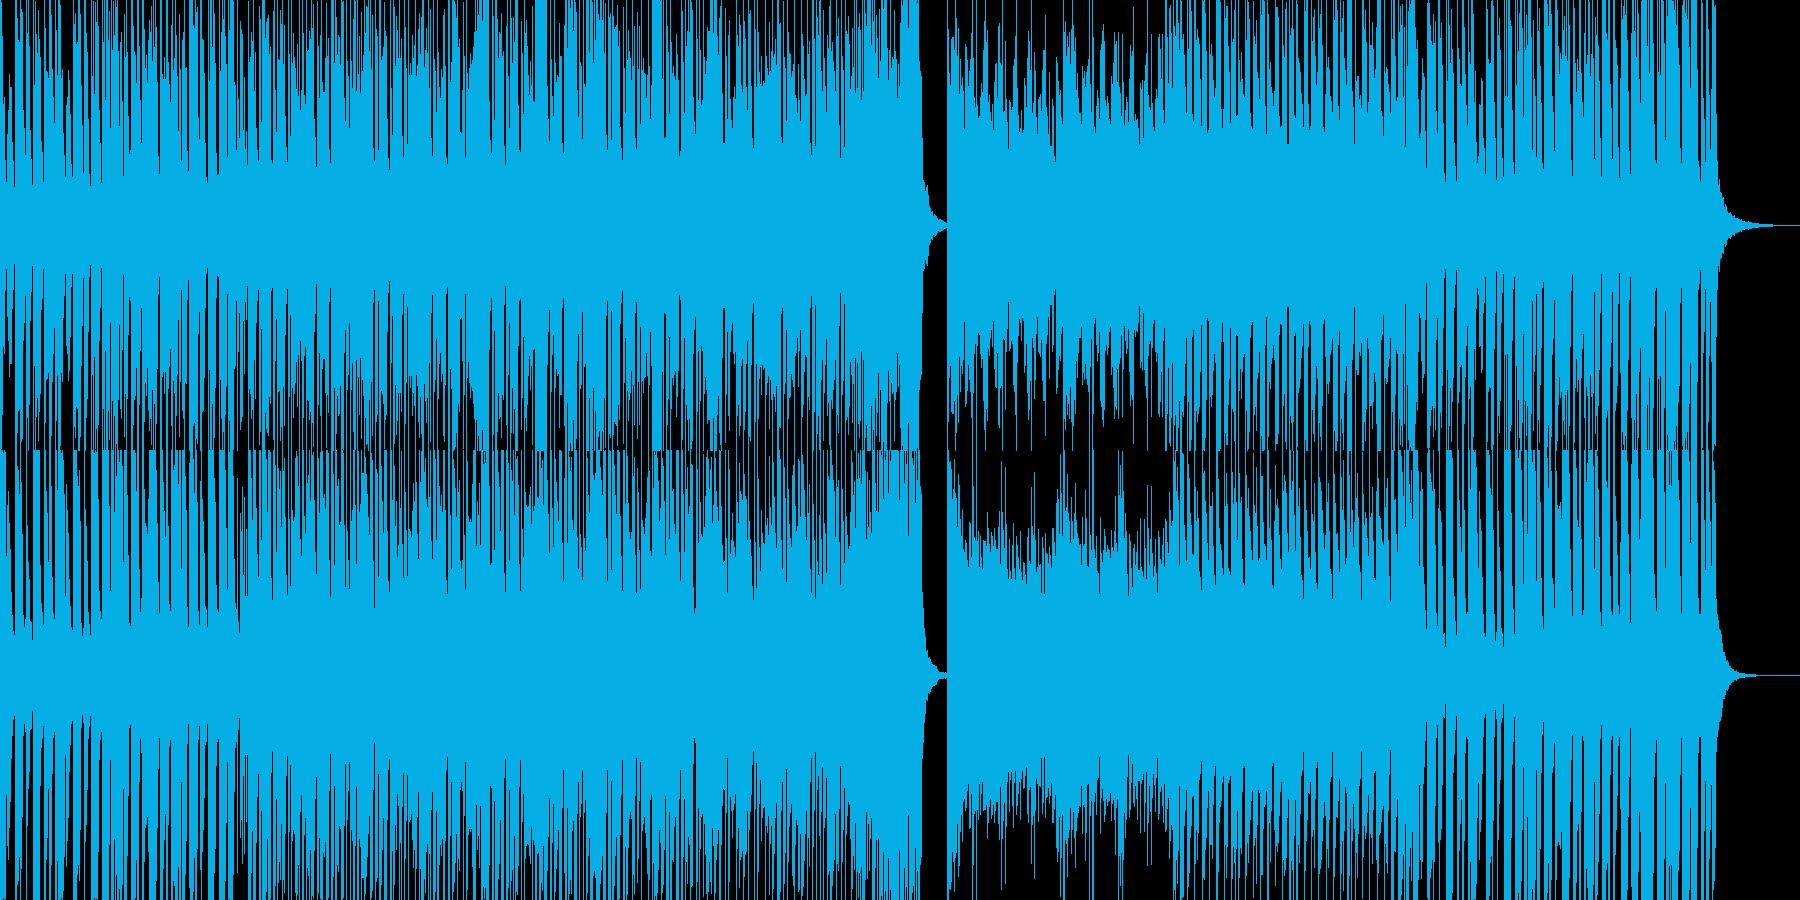 軽快なピアノ曲です。の再生済みの波形